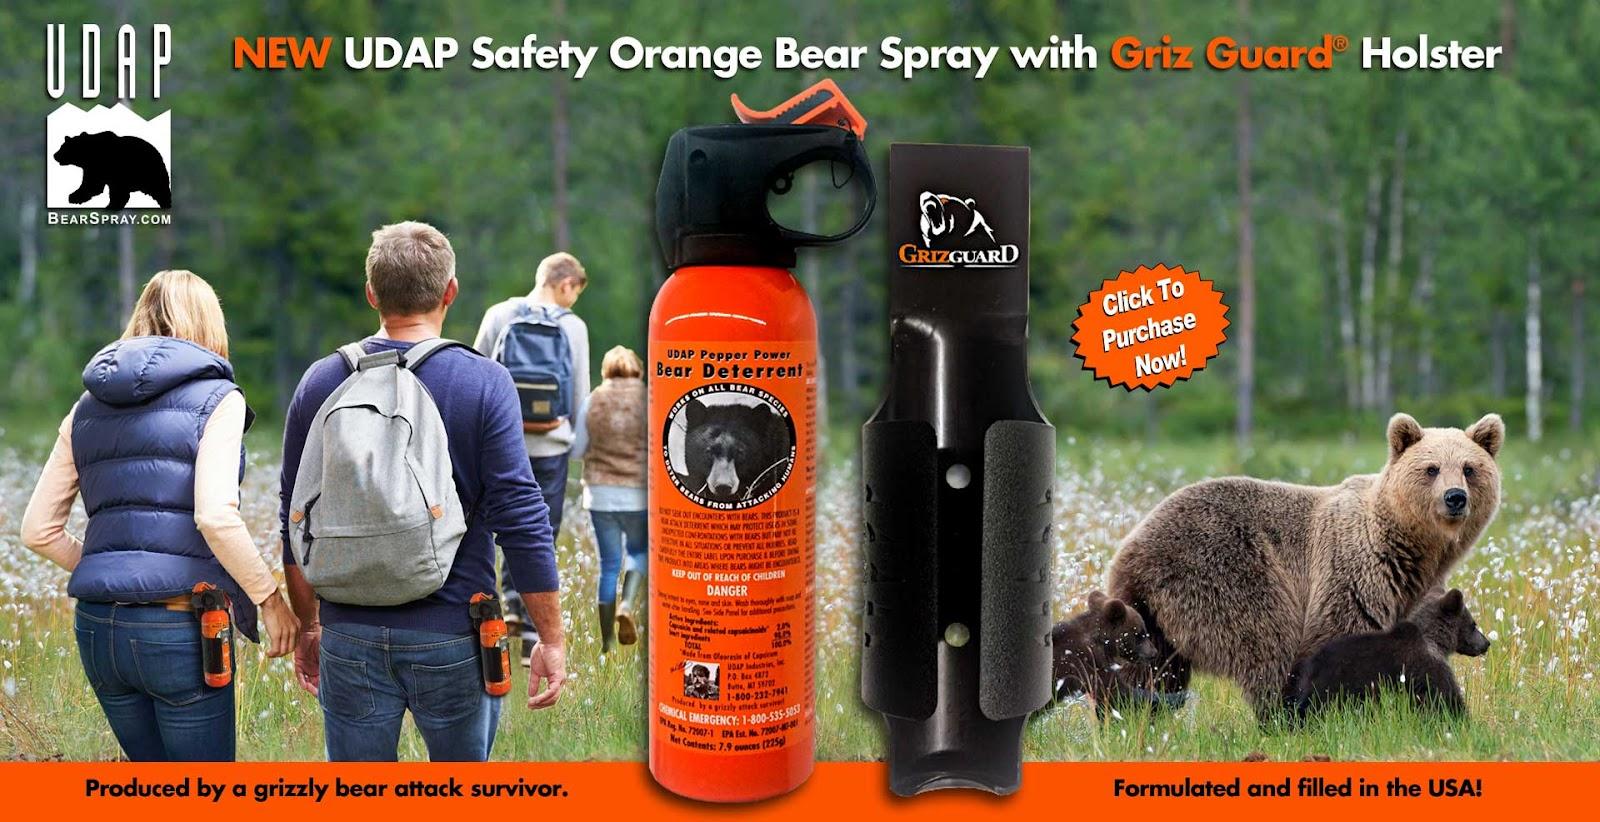 UDAP Logo and Bear Spray